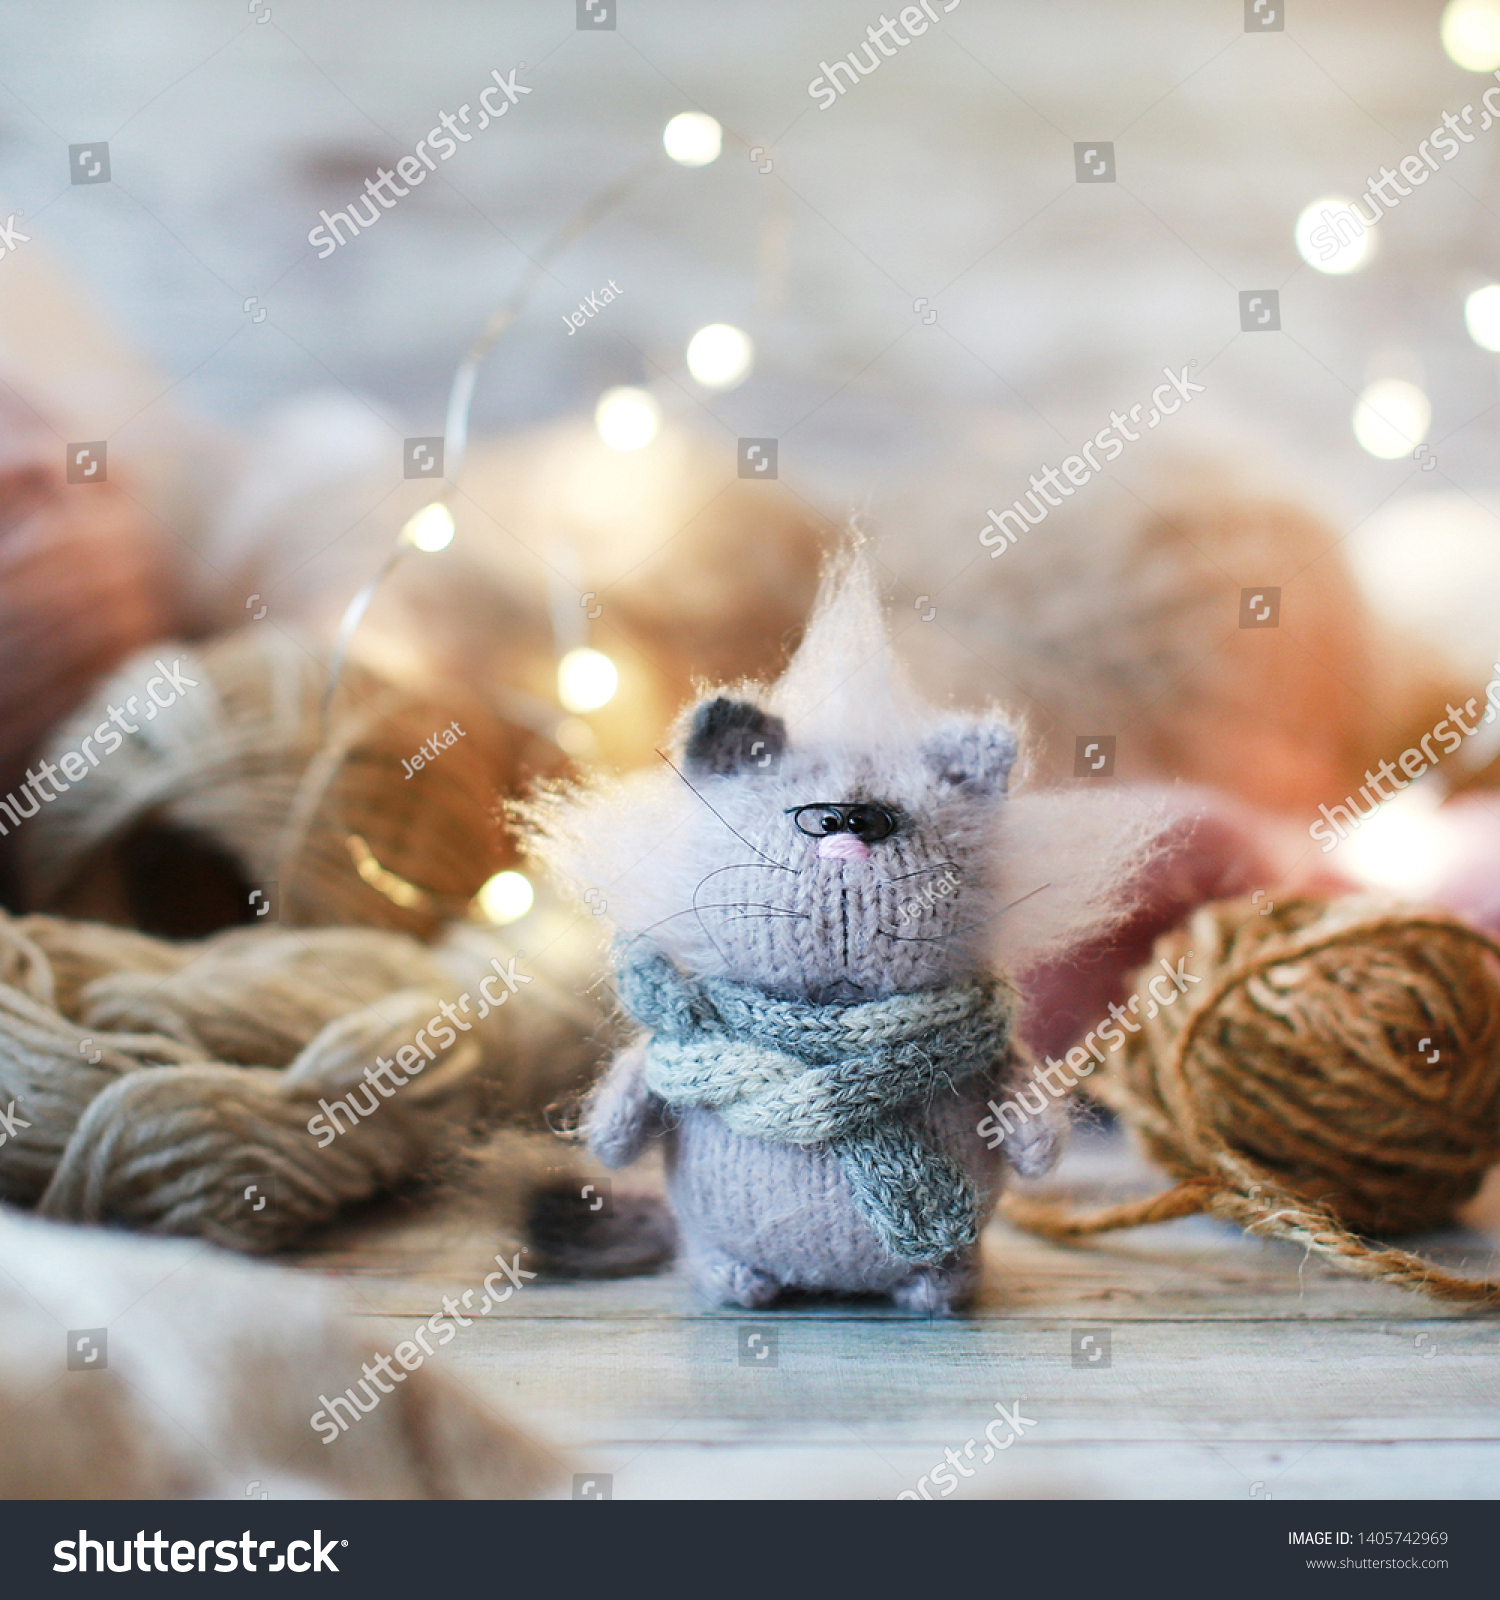 Hello Casper Amigurumi Free Crochet Cat Pattern ⋆ Crochet Kingdom | 1600x1500